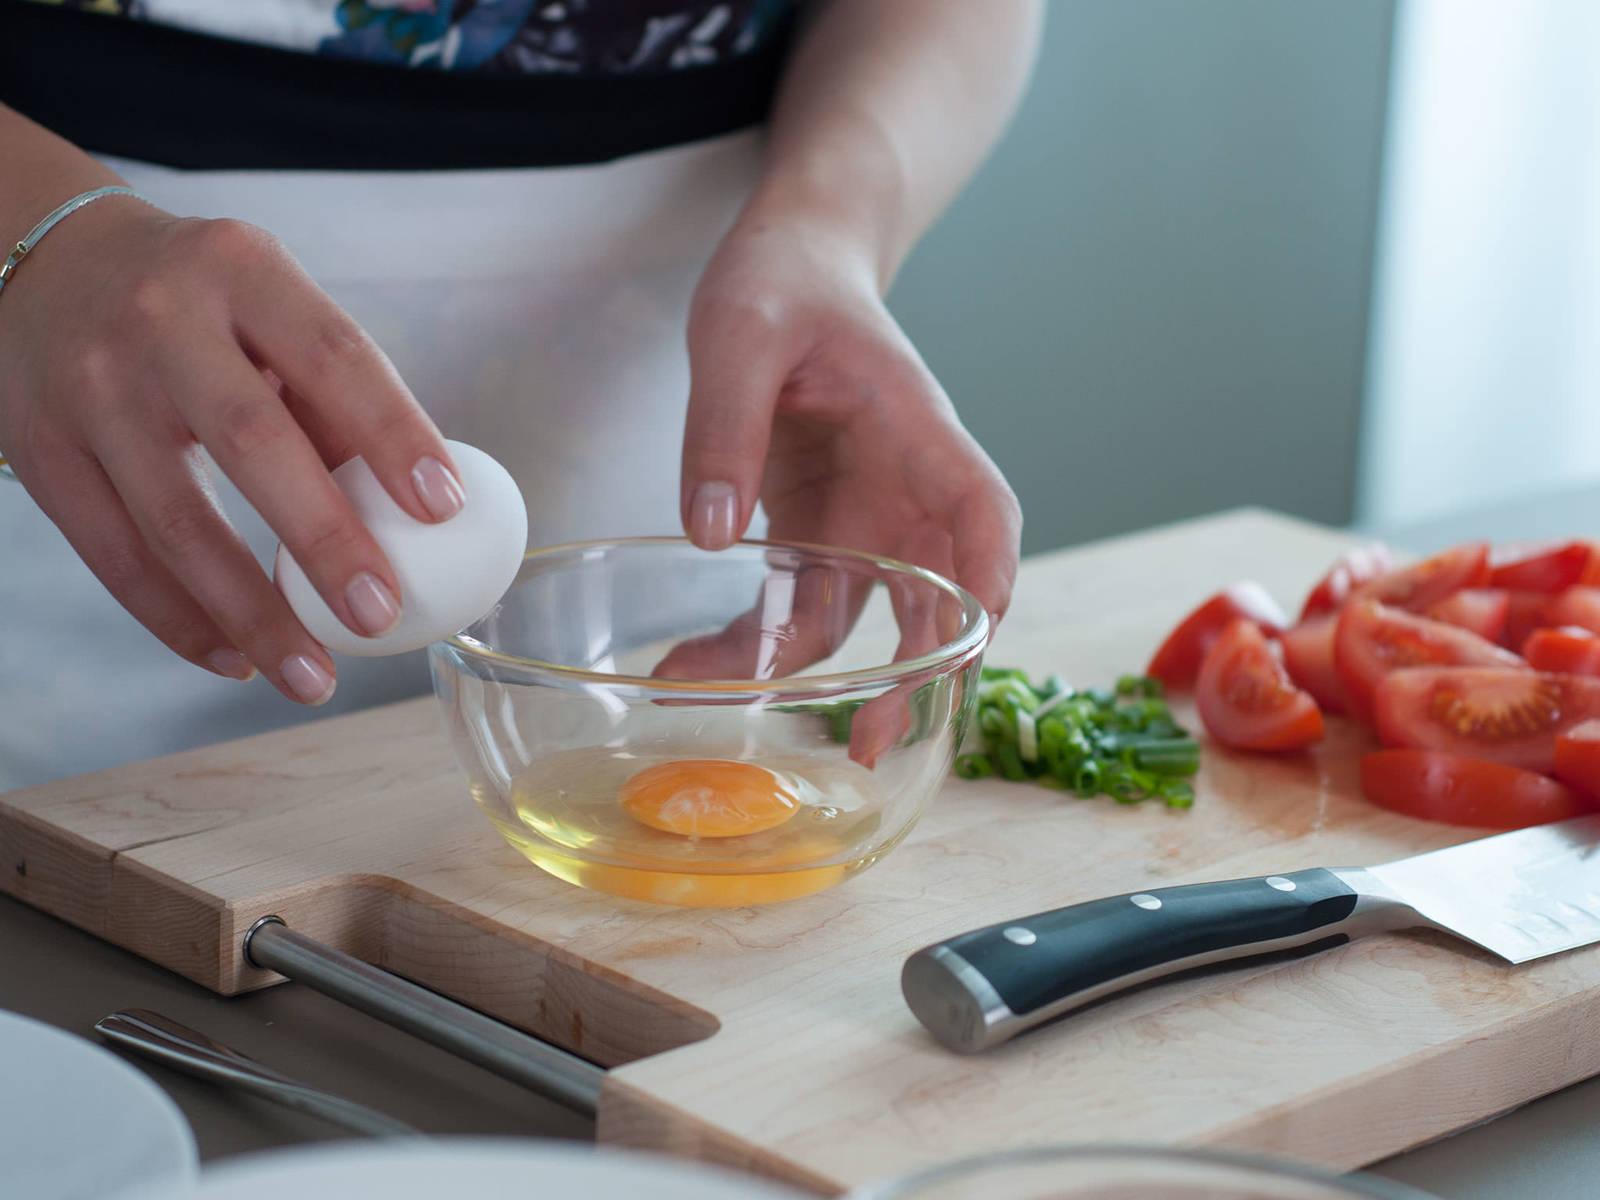 将番茄切成瓣状,小葱切圈。将鸡蛋打入小碗中。